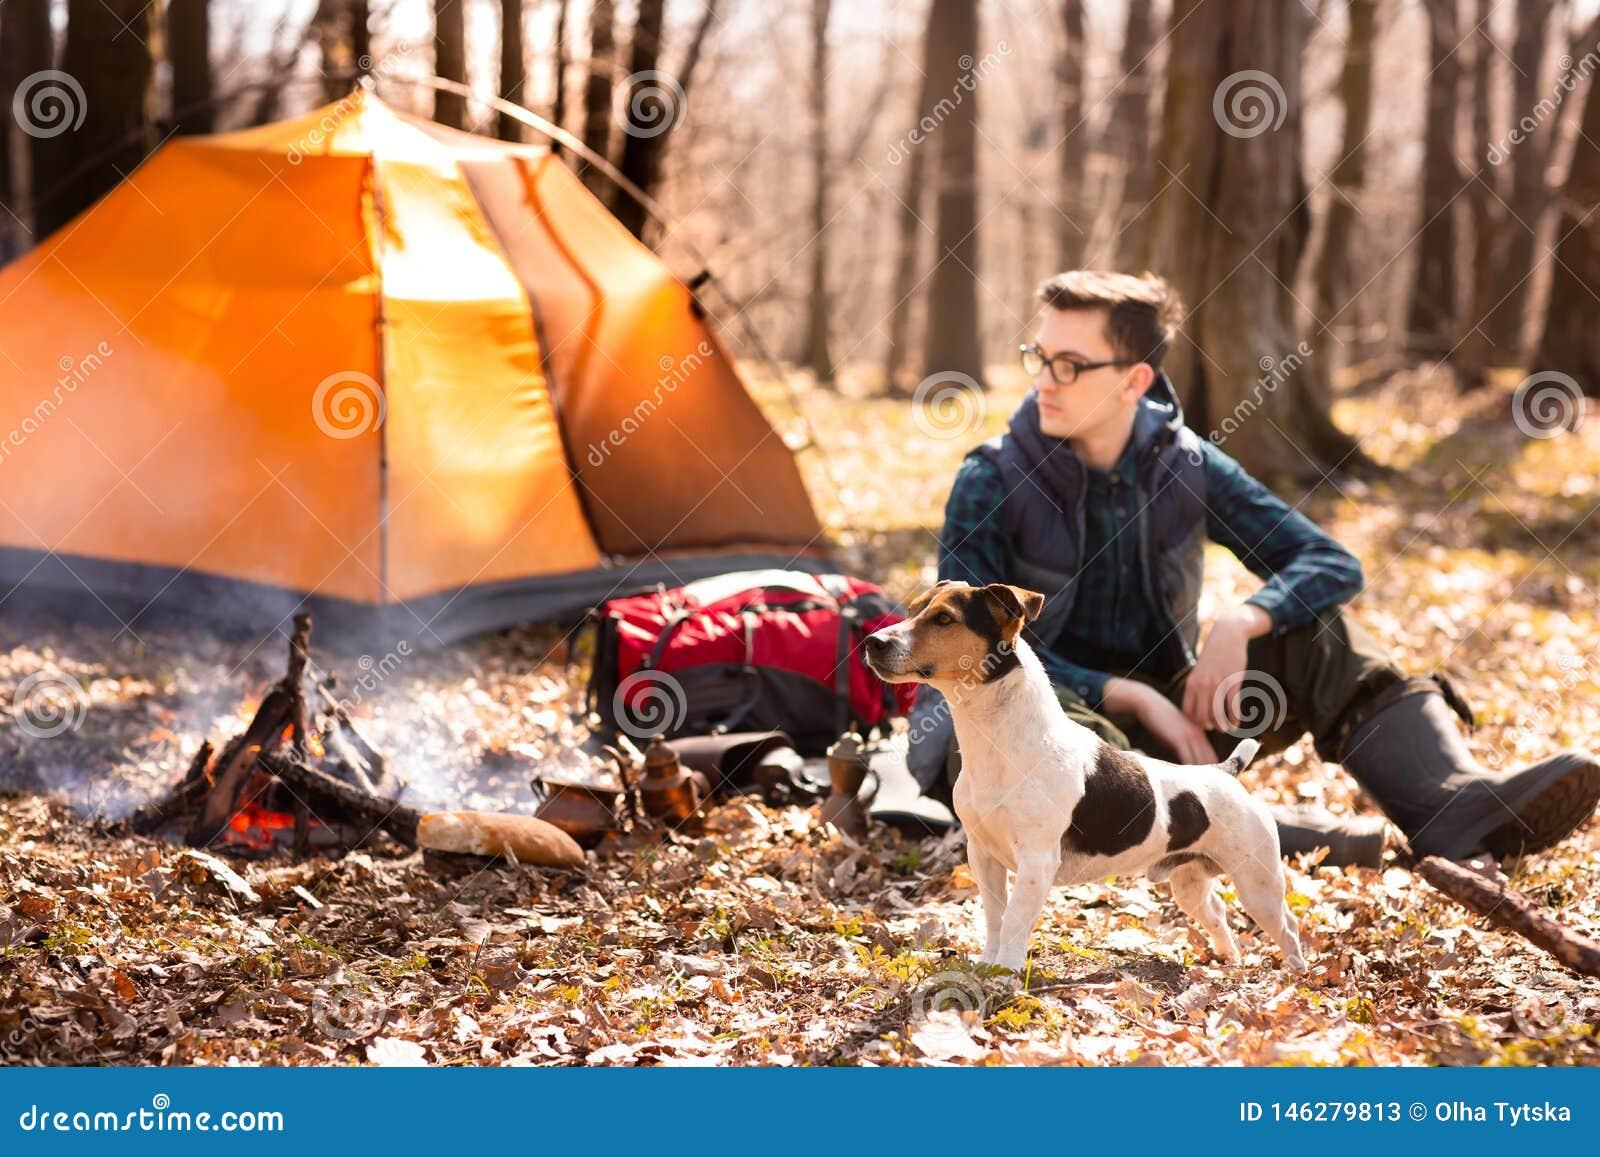 Foto de un turista con un perro, descansando en el bosque cerca del fuego y de la tienda anaranjada